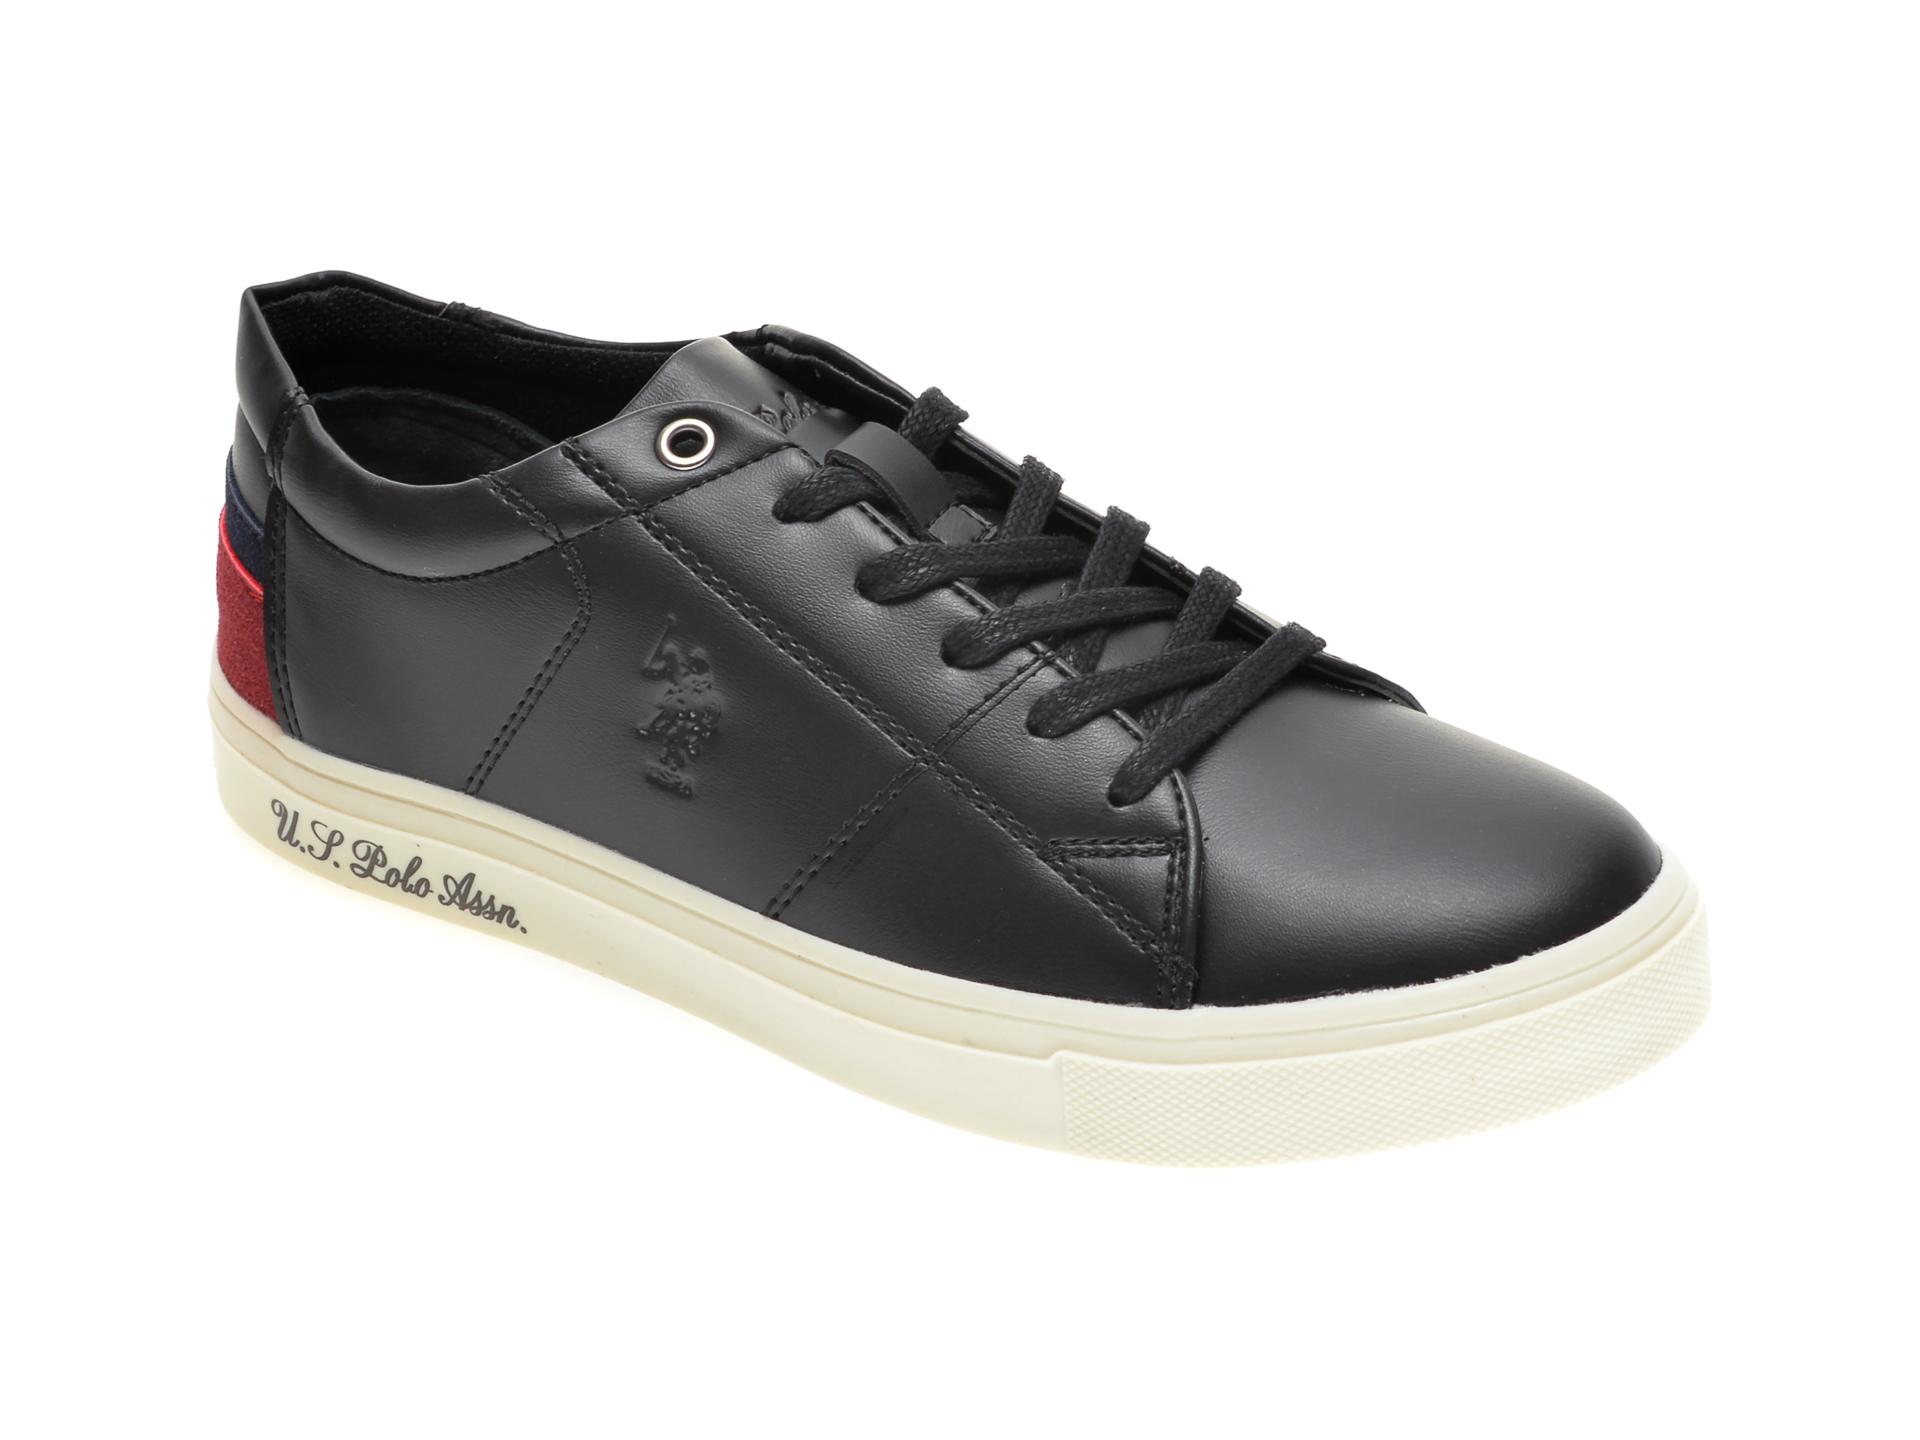 Pantofi sport US POLO ASSN negri, 422447, din piele ecologica imagine